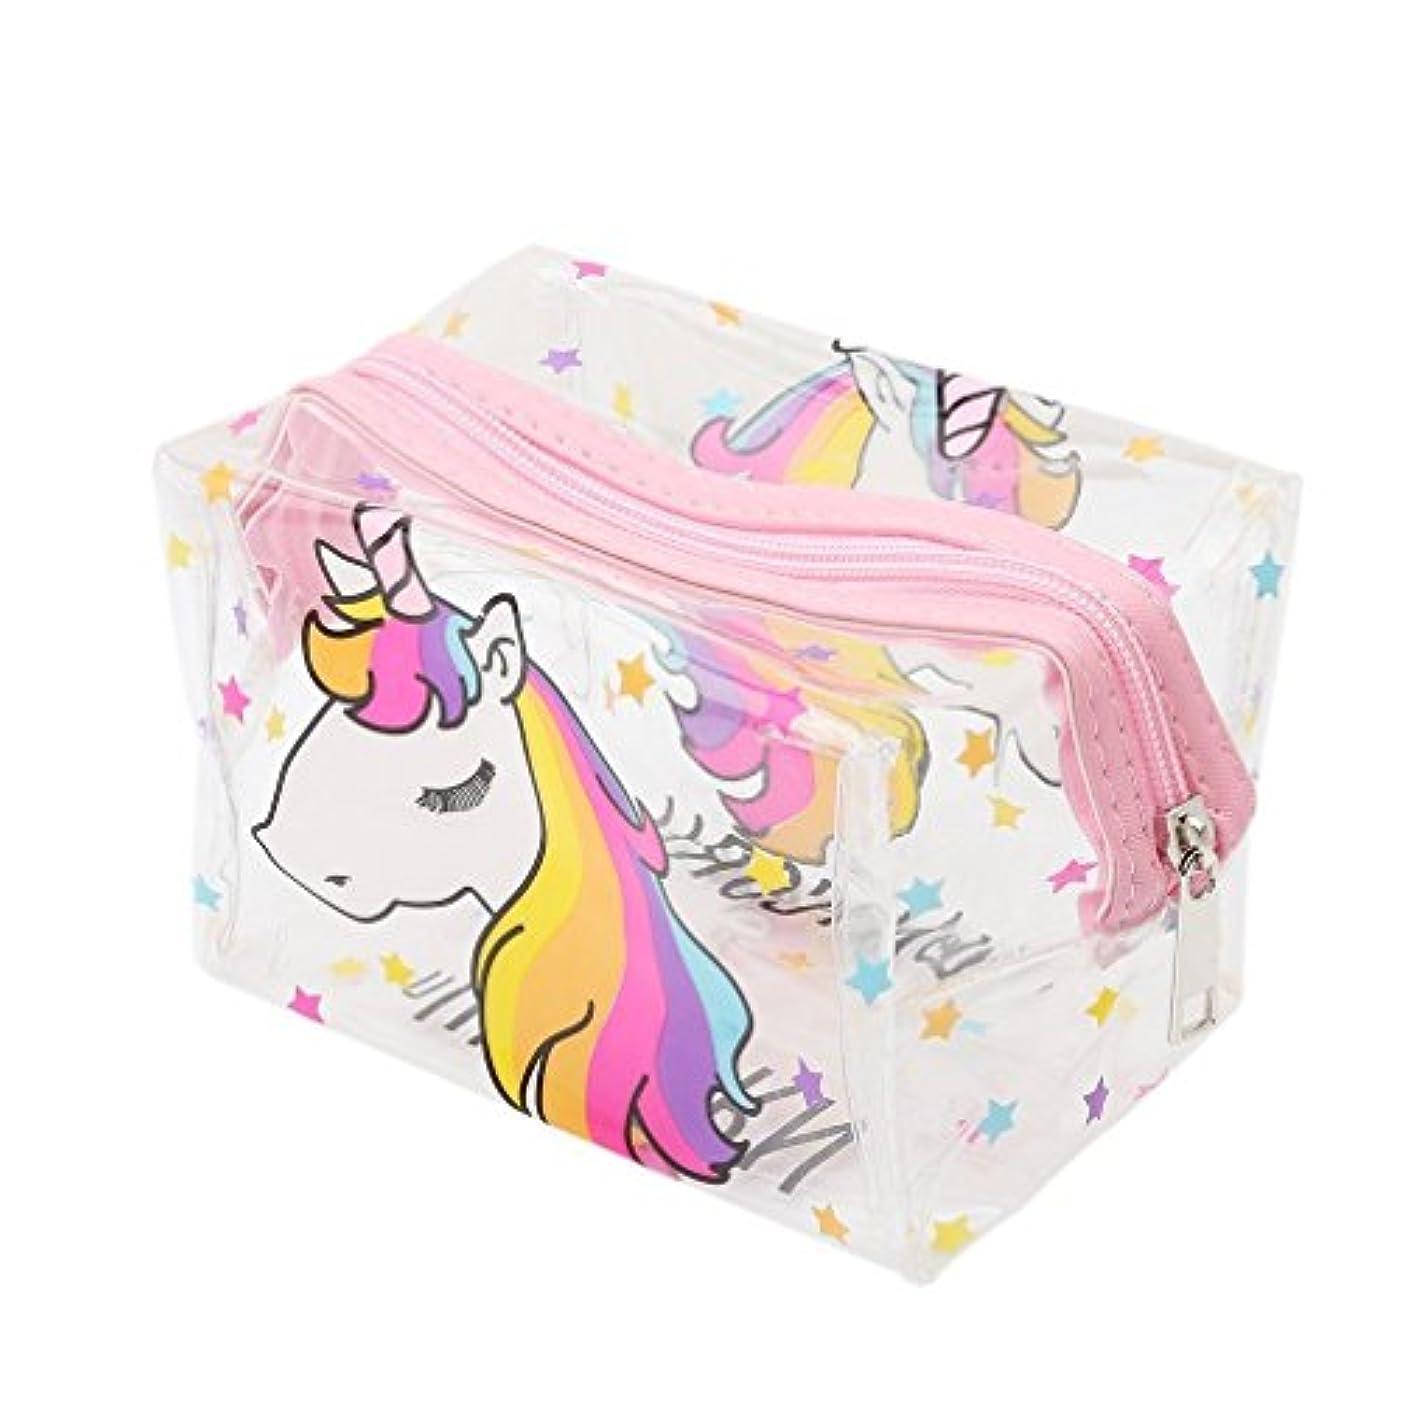 略奪是正する汚れたXiton 化粧品化粧ポーチ透明化粧トイレ袋ユニコーン化粧鉛筆(ピンク)化粧品袋